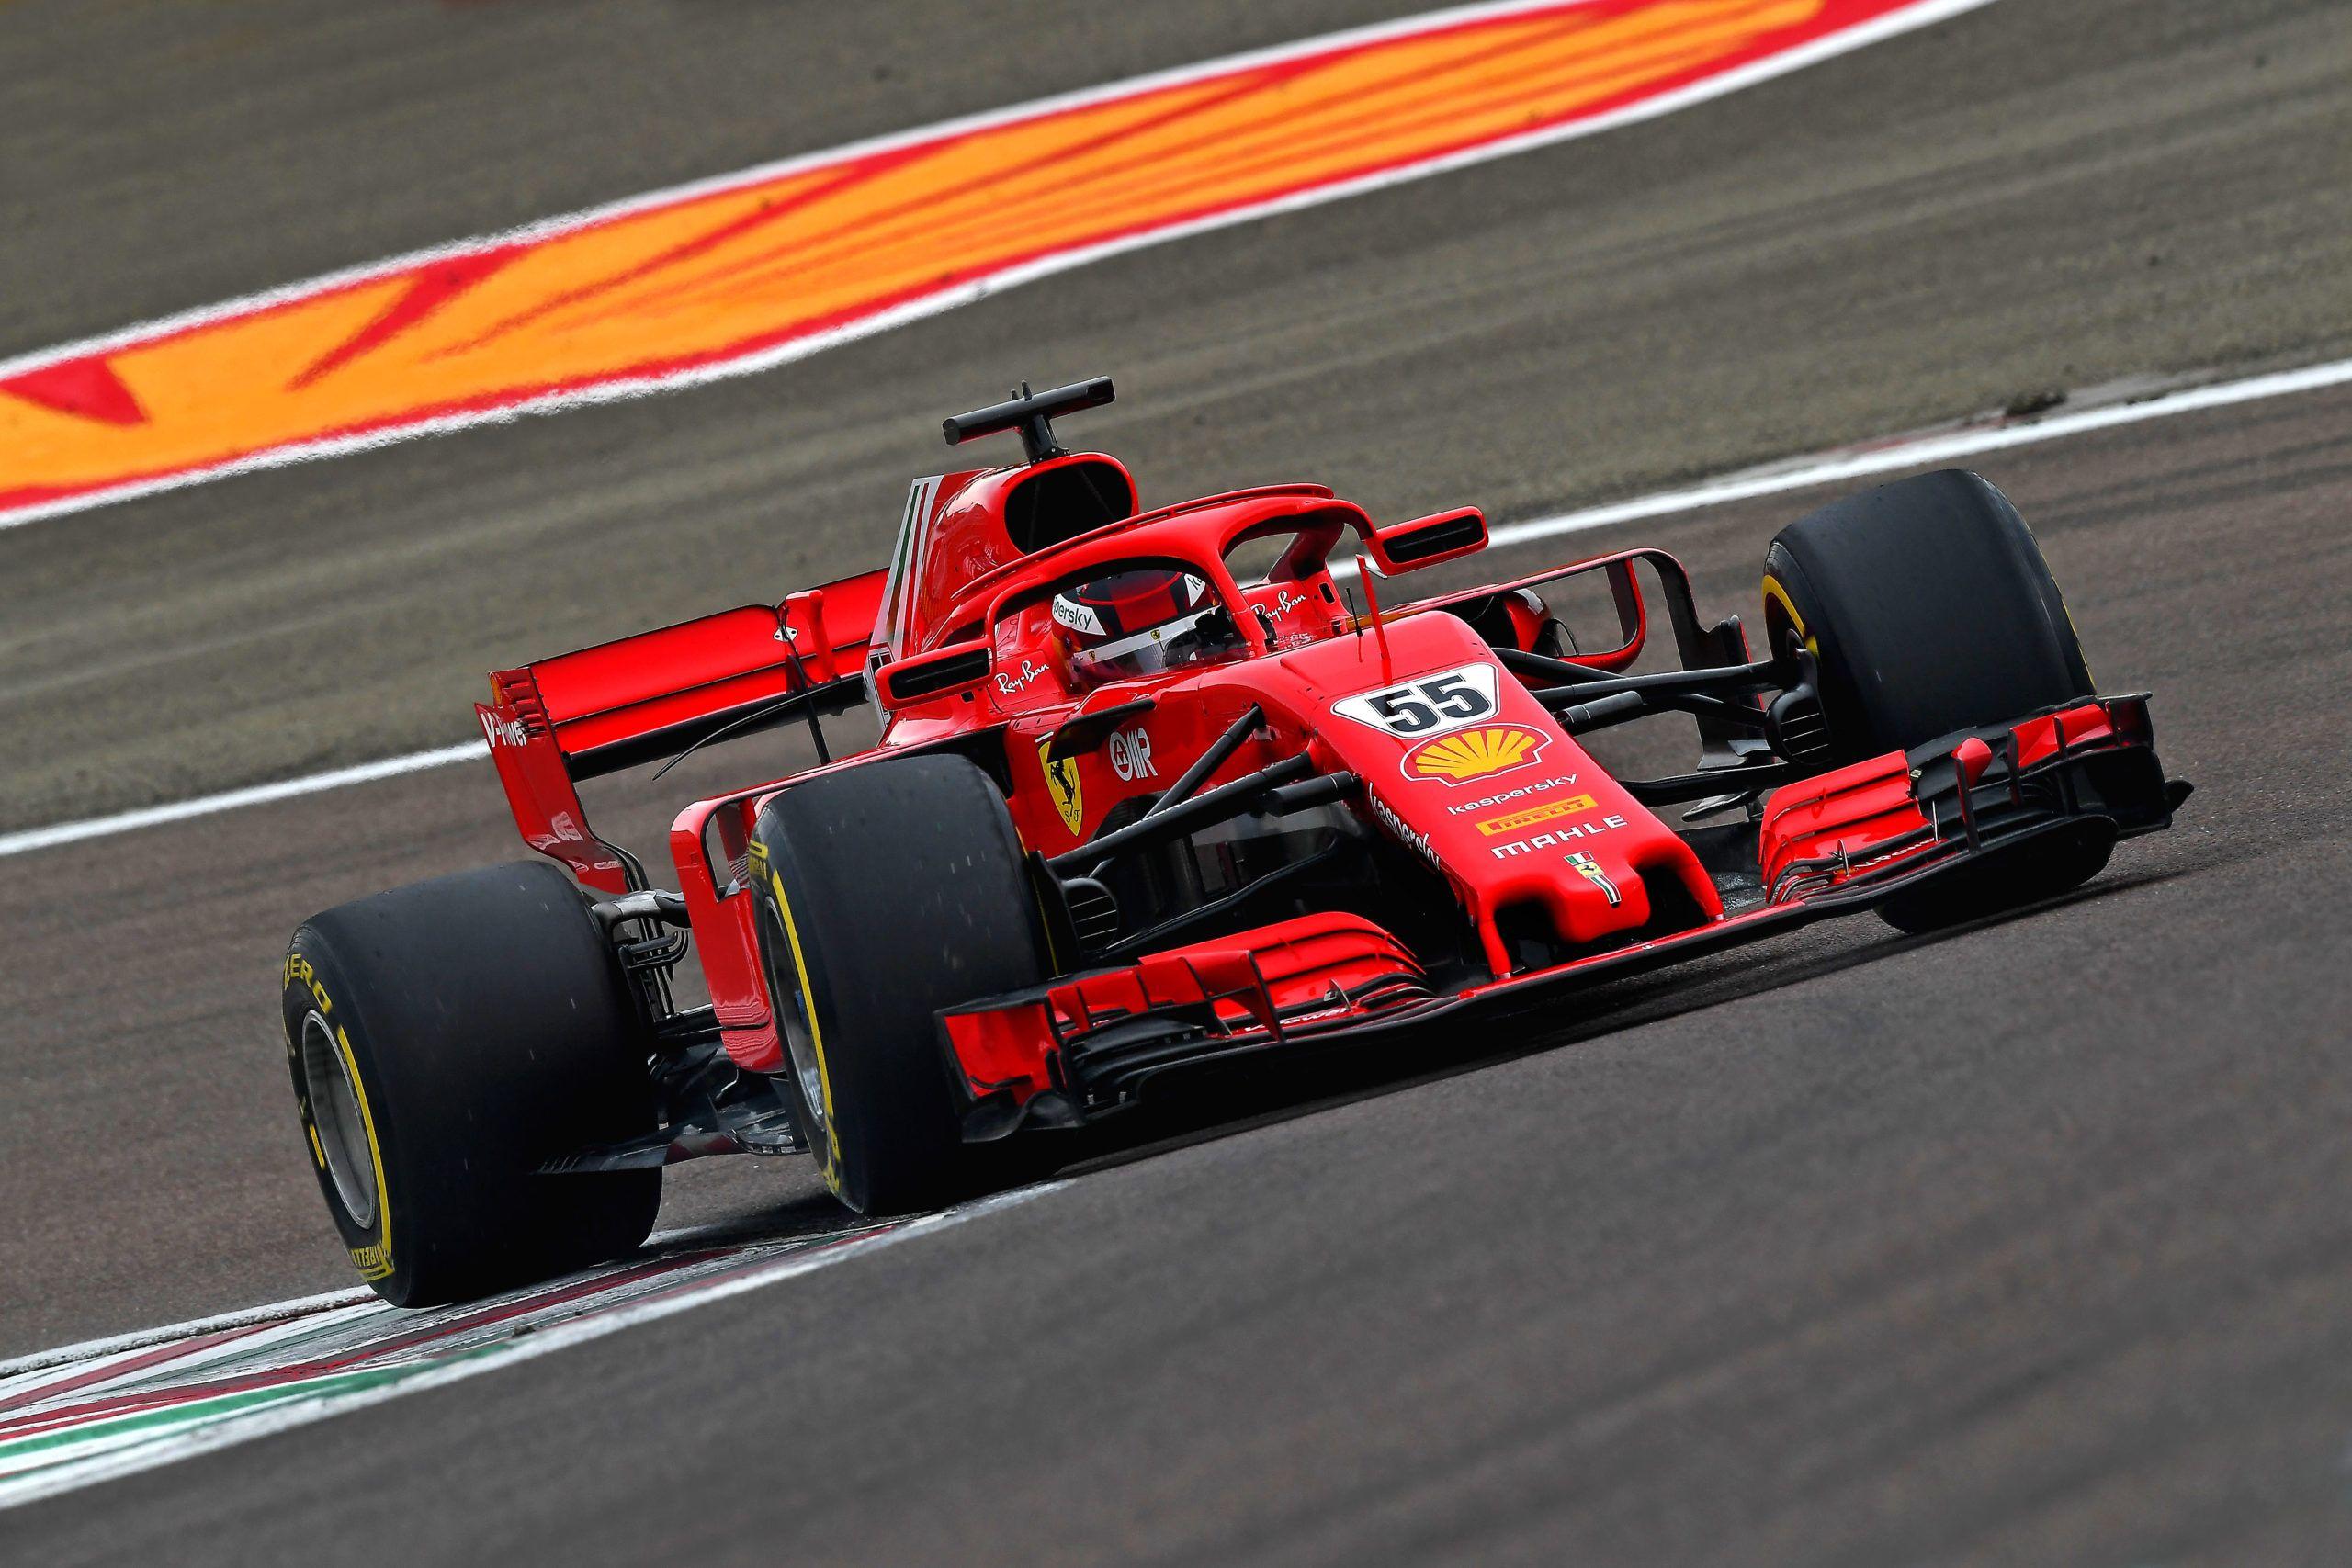 Carlos Sainz, Ferrari, F1